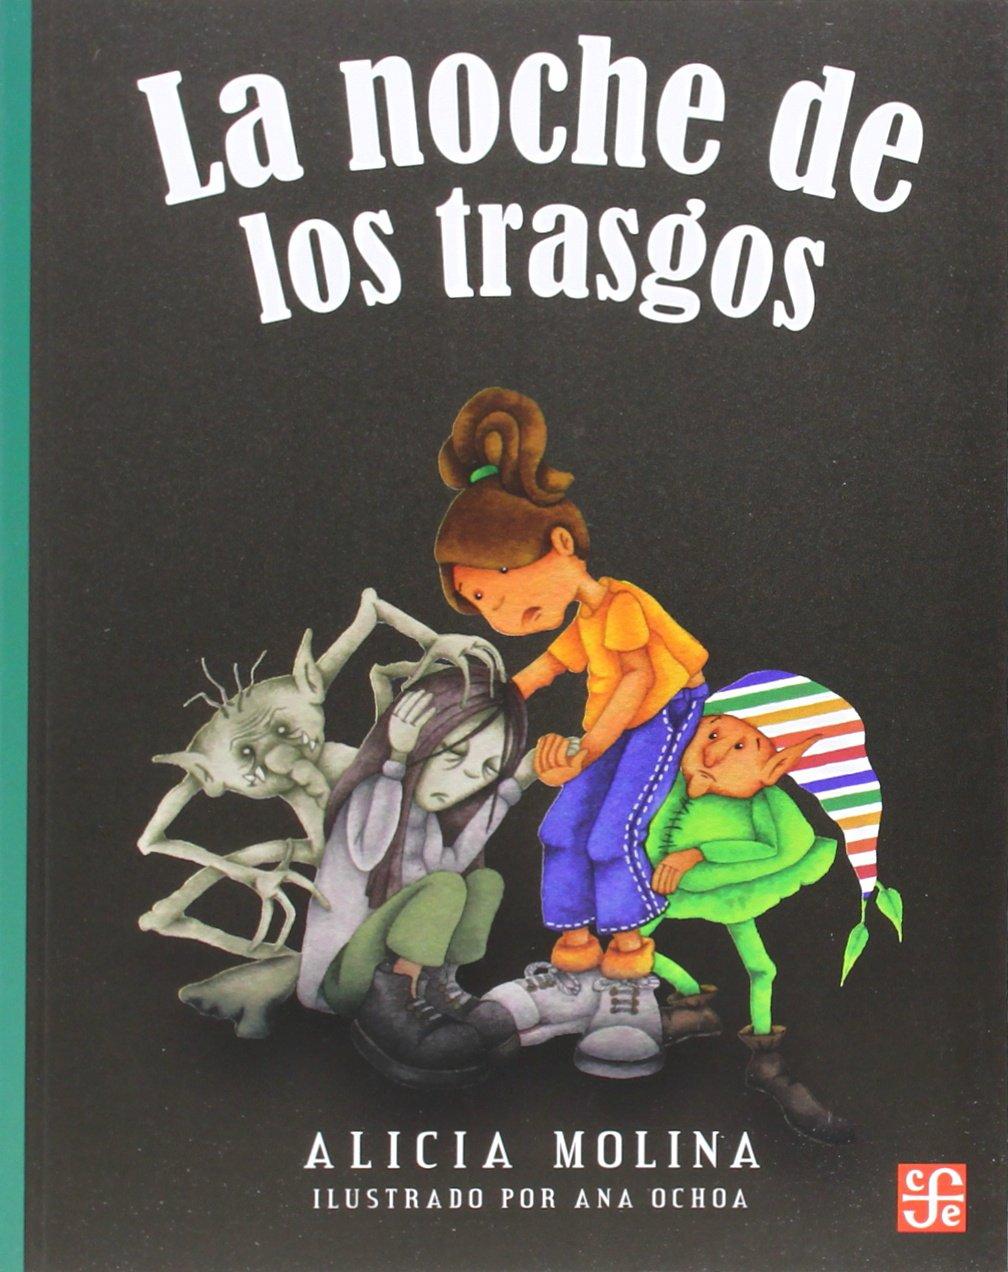 La noche de los trasgos (Spanish Edition)